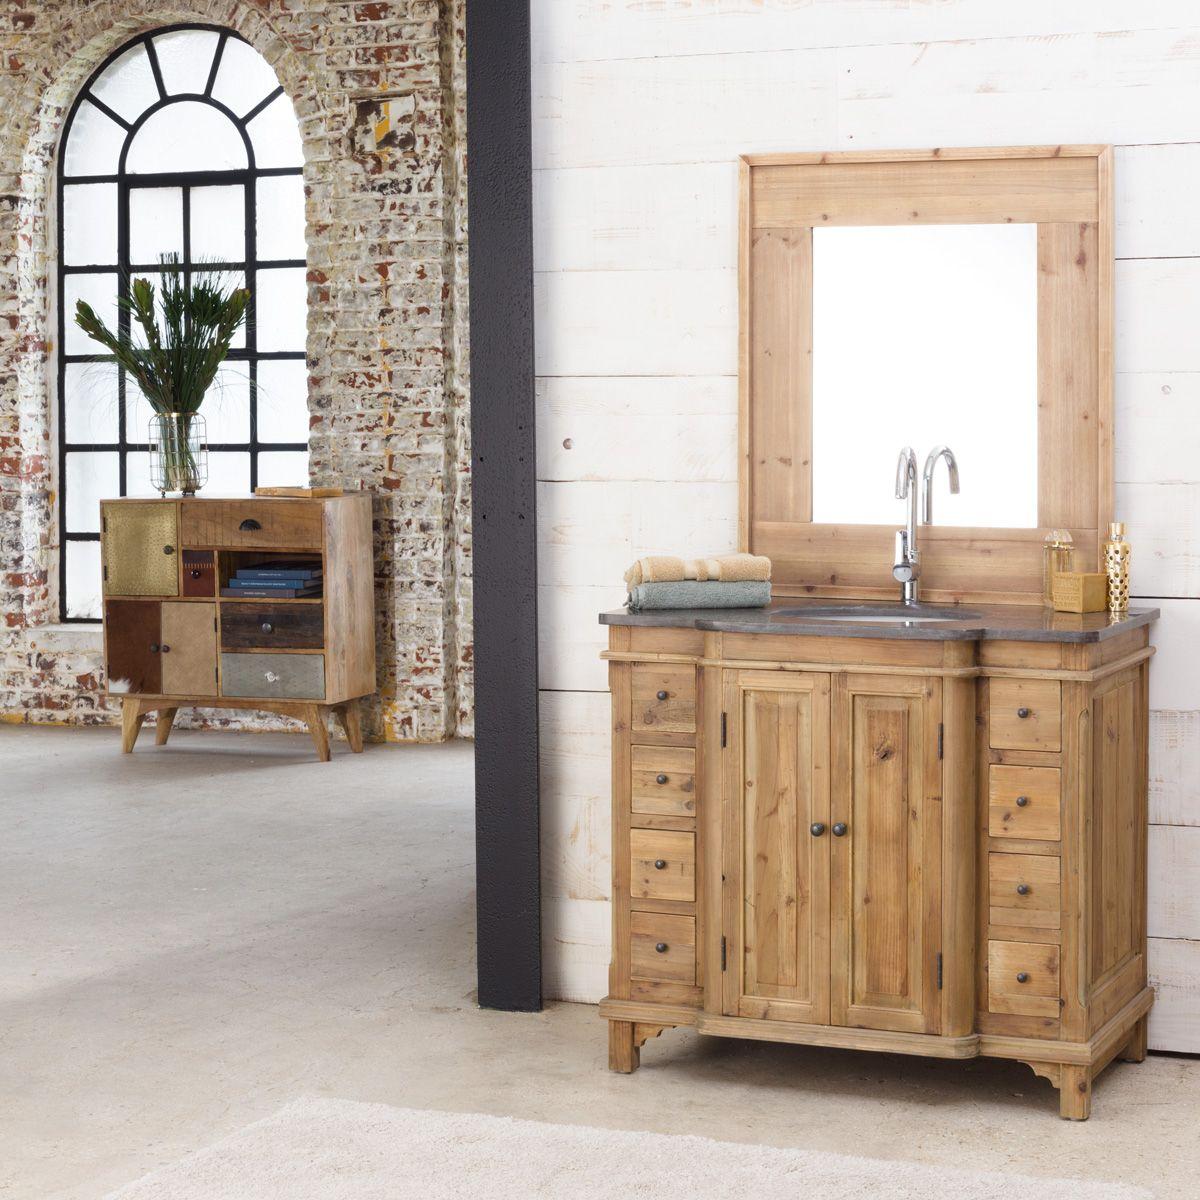 Petit Meuble Vasque Salle De Bain meuble salle de bain bois massif 1 vasque 2 portes 8 petits